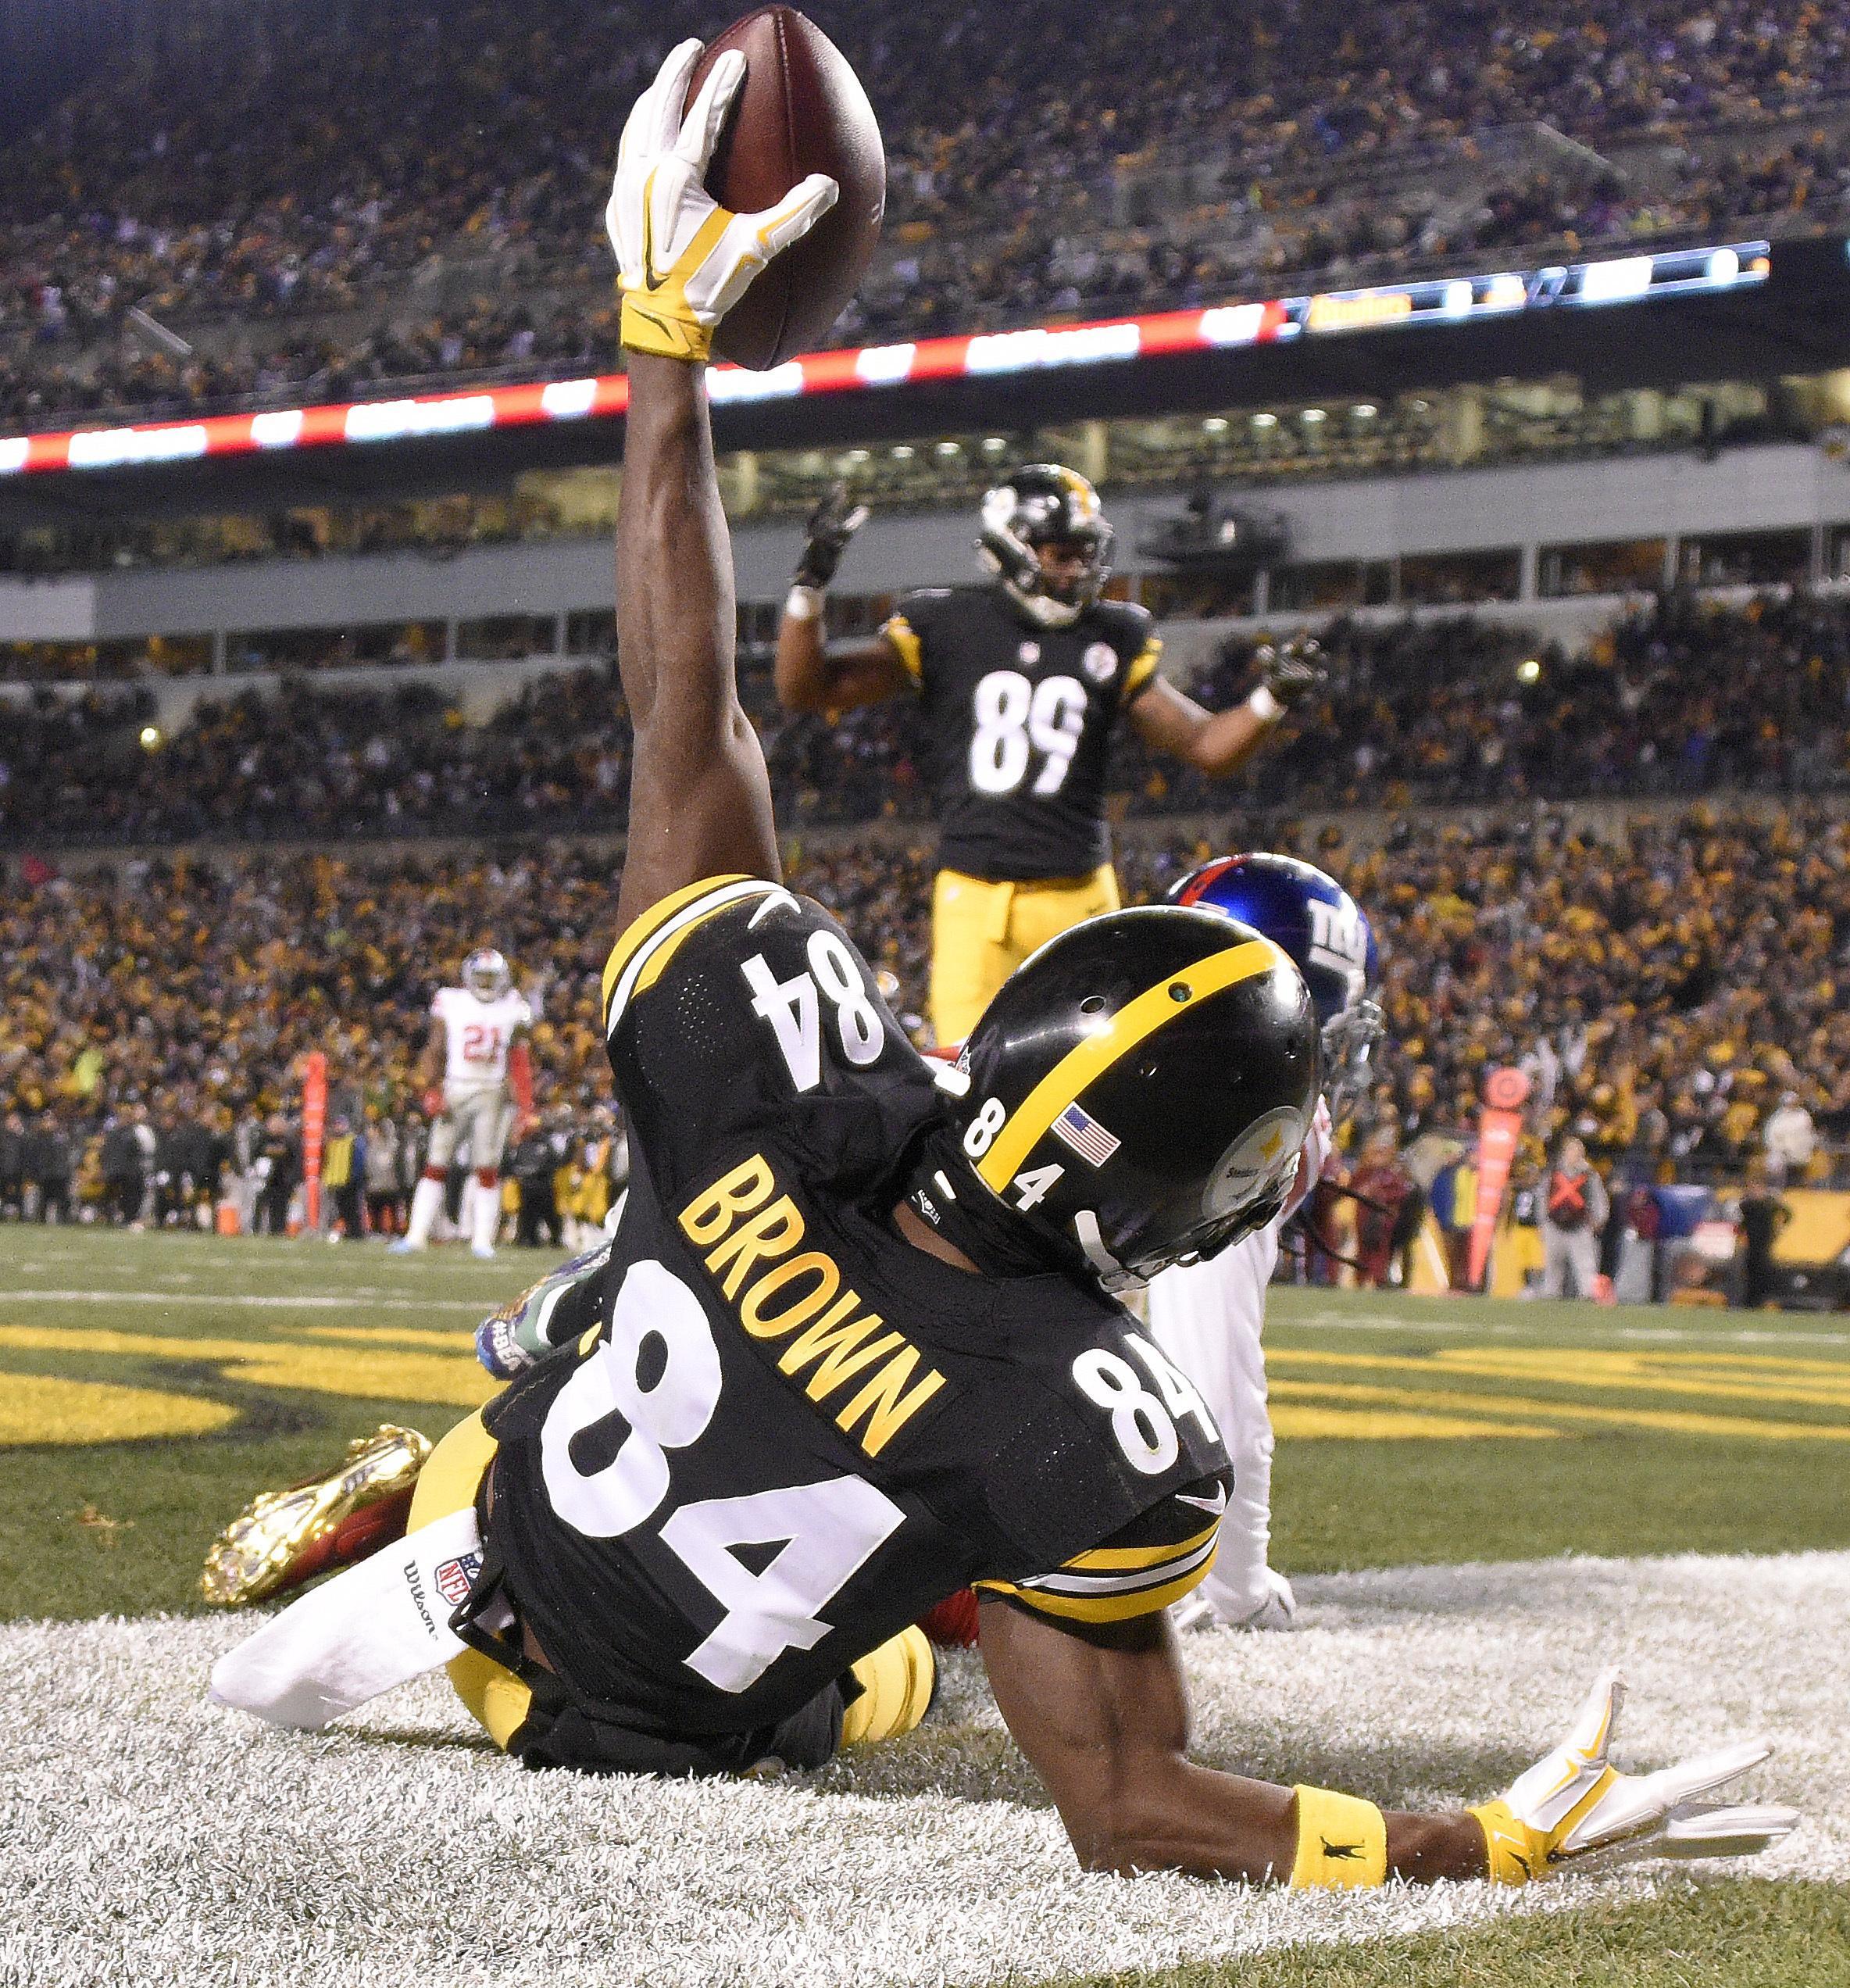 Steelers_bill_football